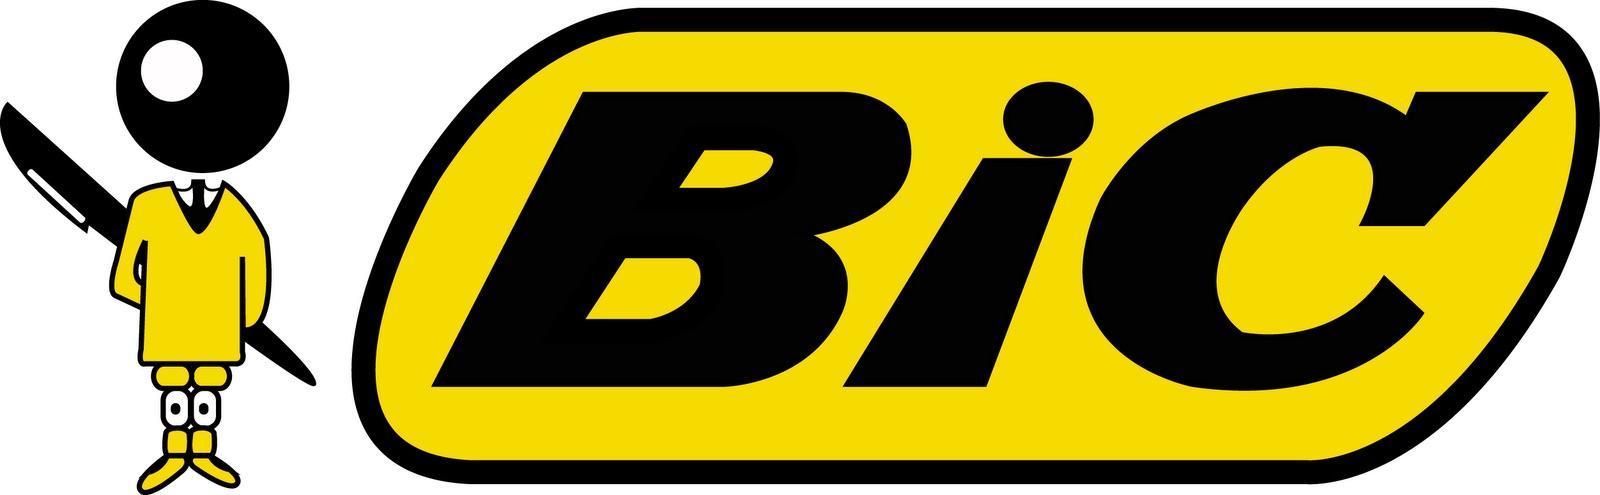 El niño de Bolígrafos Bic representa a un pequeño en edad escolar, fue creado así para atraer clientes, pero fue tan exitoso que forma parte del logo.